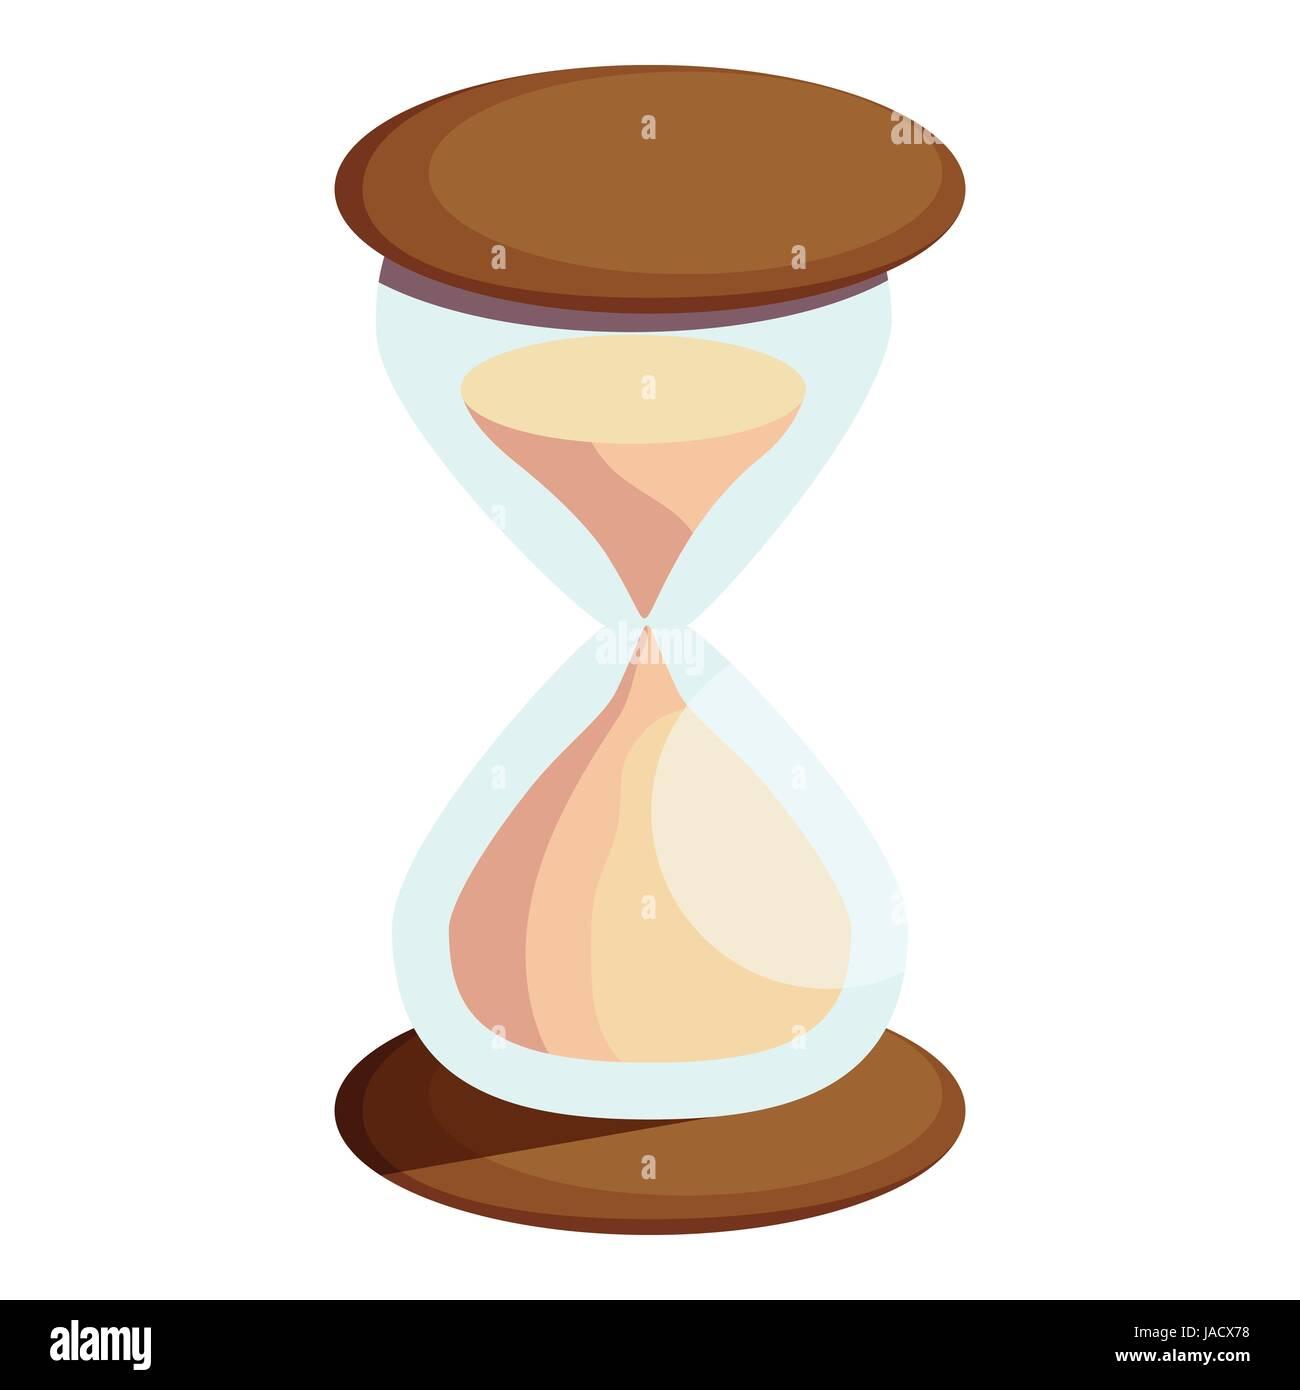 Icono De Reloj De Arena Ilustración Vectorial De Dibujos Animados